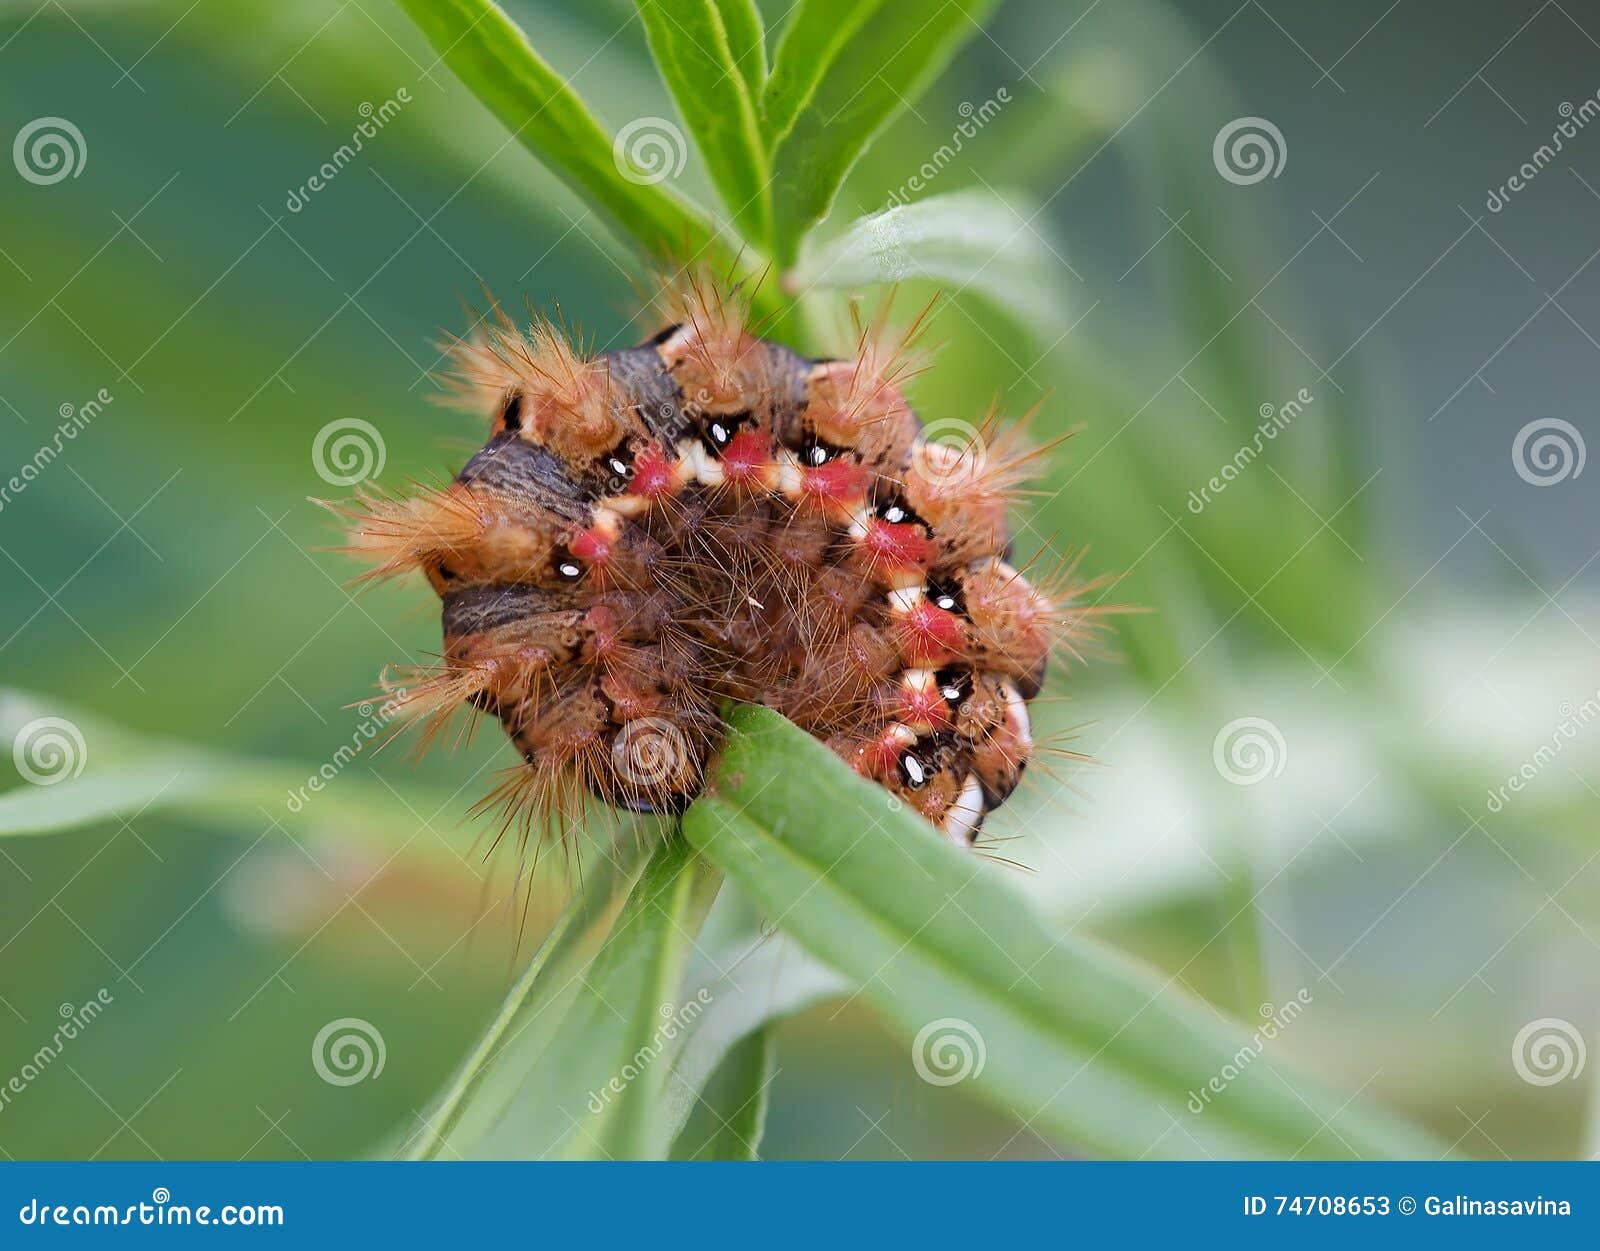 Caterpillar Avec Les Poils Rouges Et Les Taches Rouges Et Blanches Image stock - Image du ...